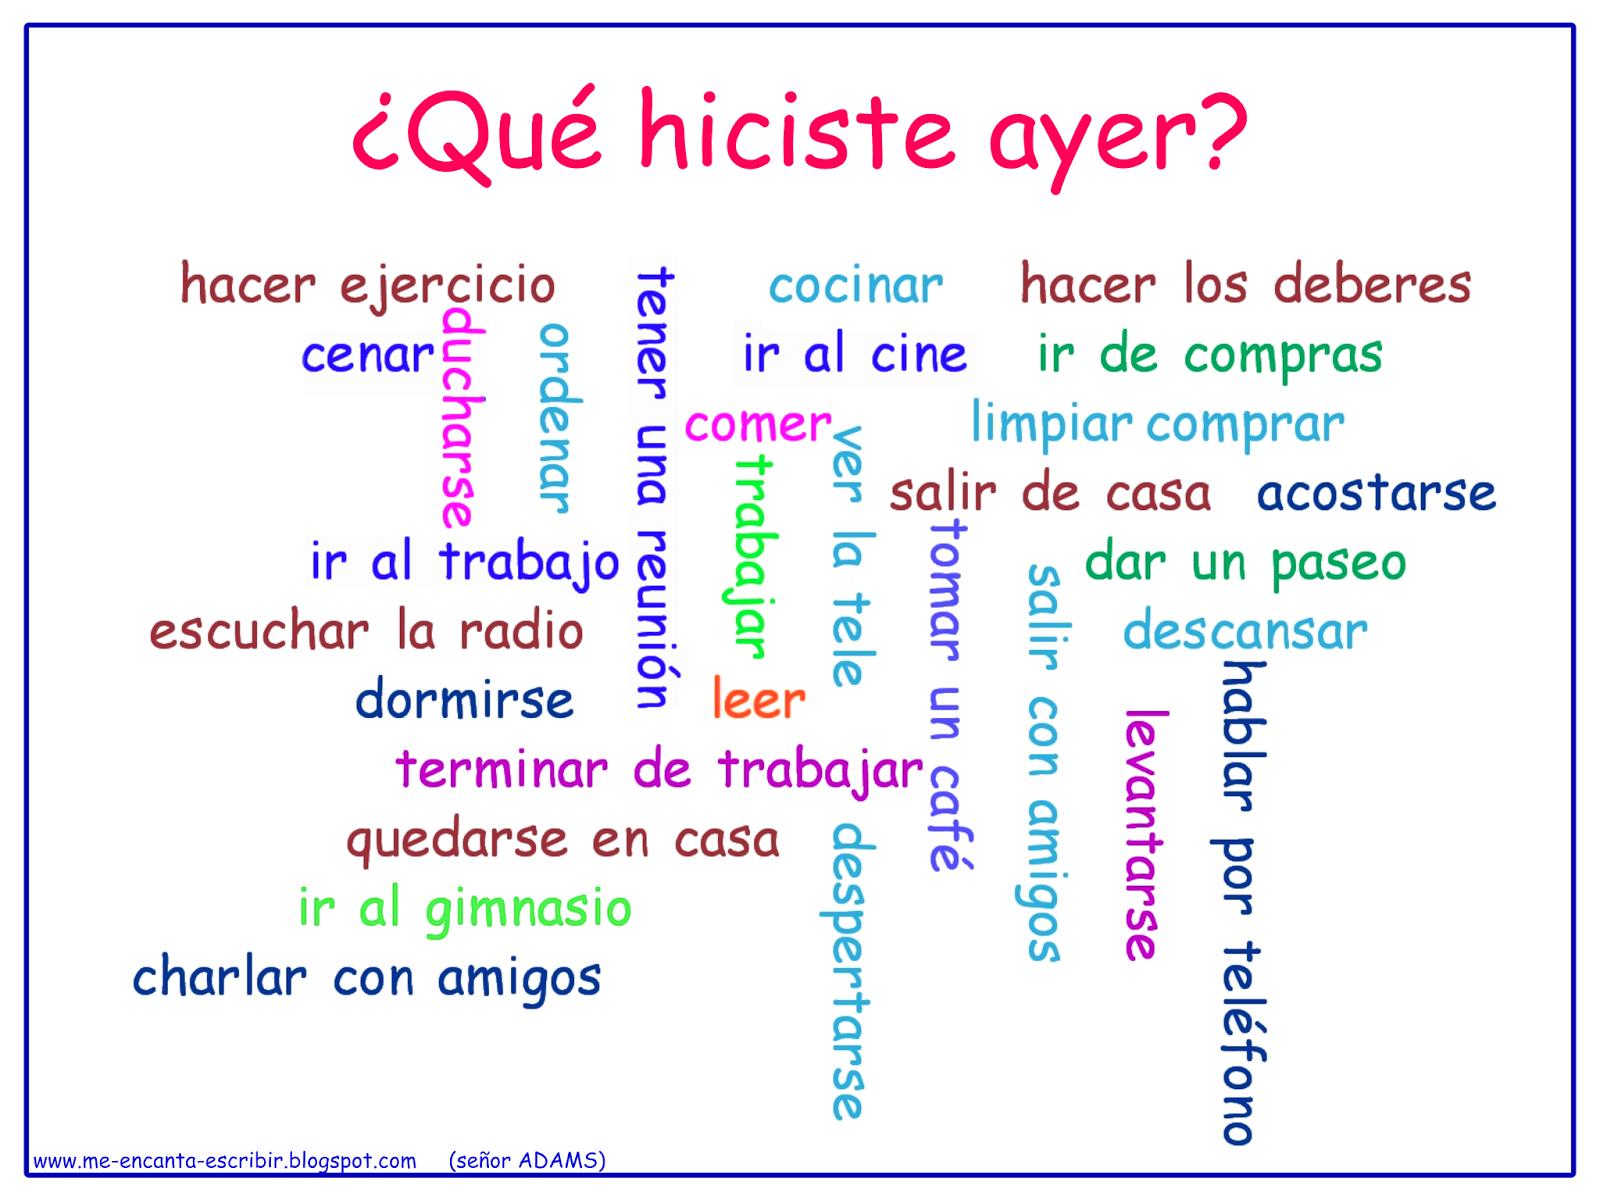 Me Encanta Escribir En Espanol Que Hiciste Ayer Preterito Perfecto Simple